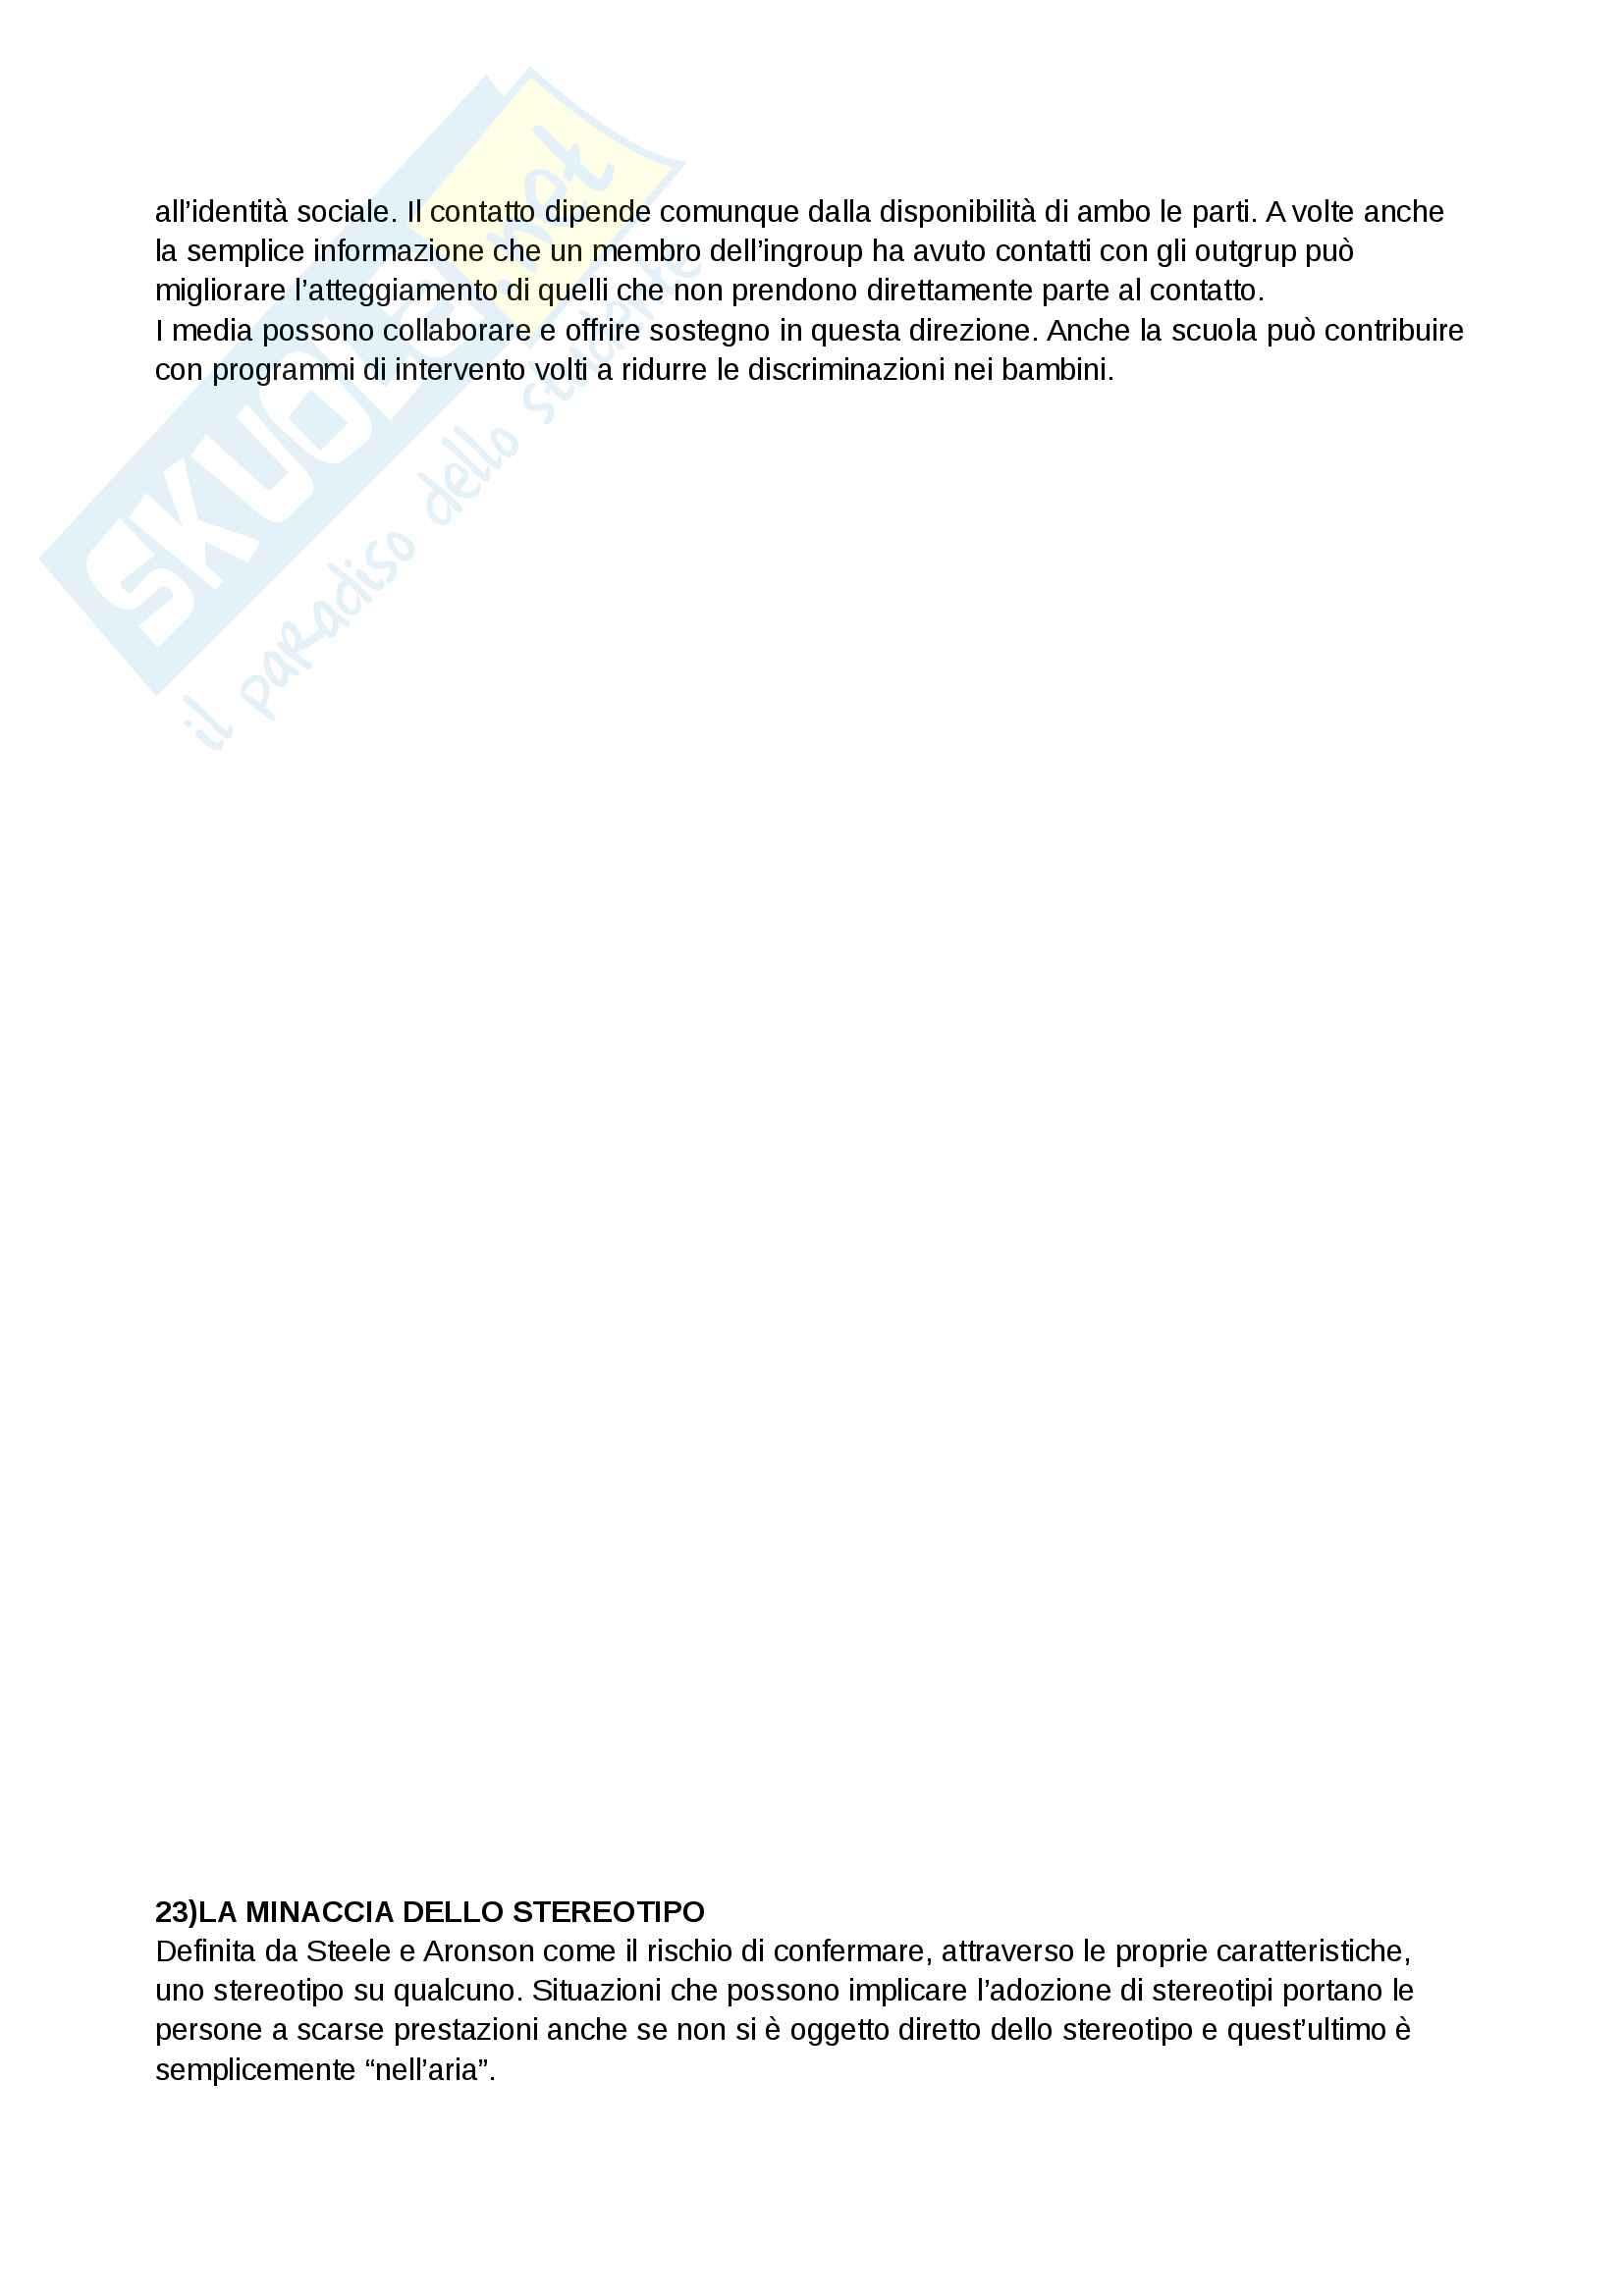 Riassunto esame e Appunti completi di Psicologia Sociale: corso avanzato per l'esame della Prof. Sacchi su Pregiudizio, Stereotipo, Discriminazione Bicocca Pag. 36